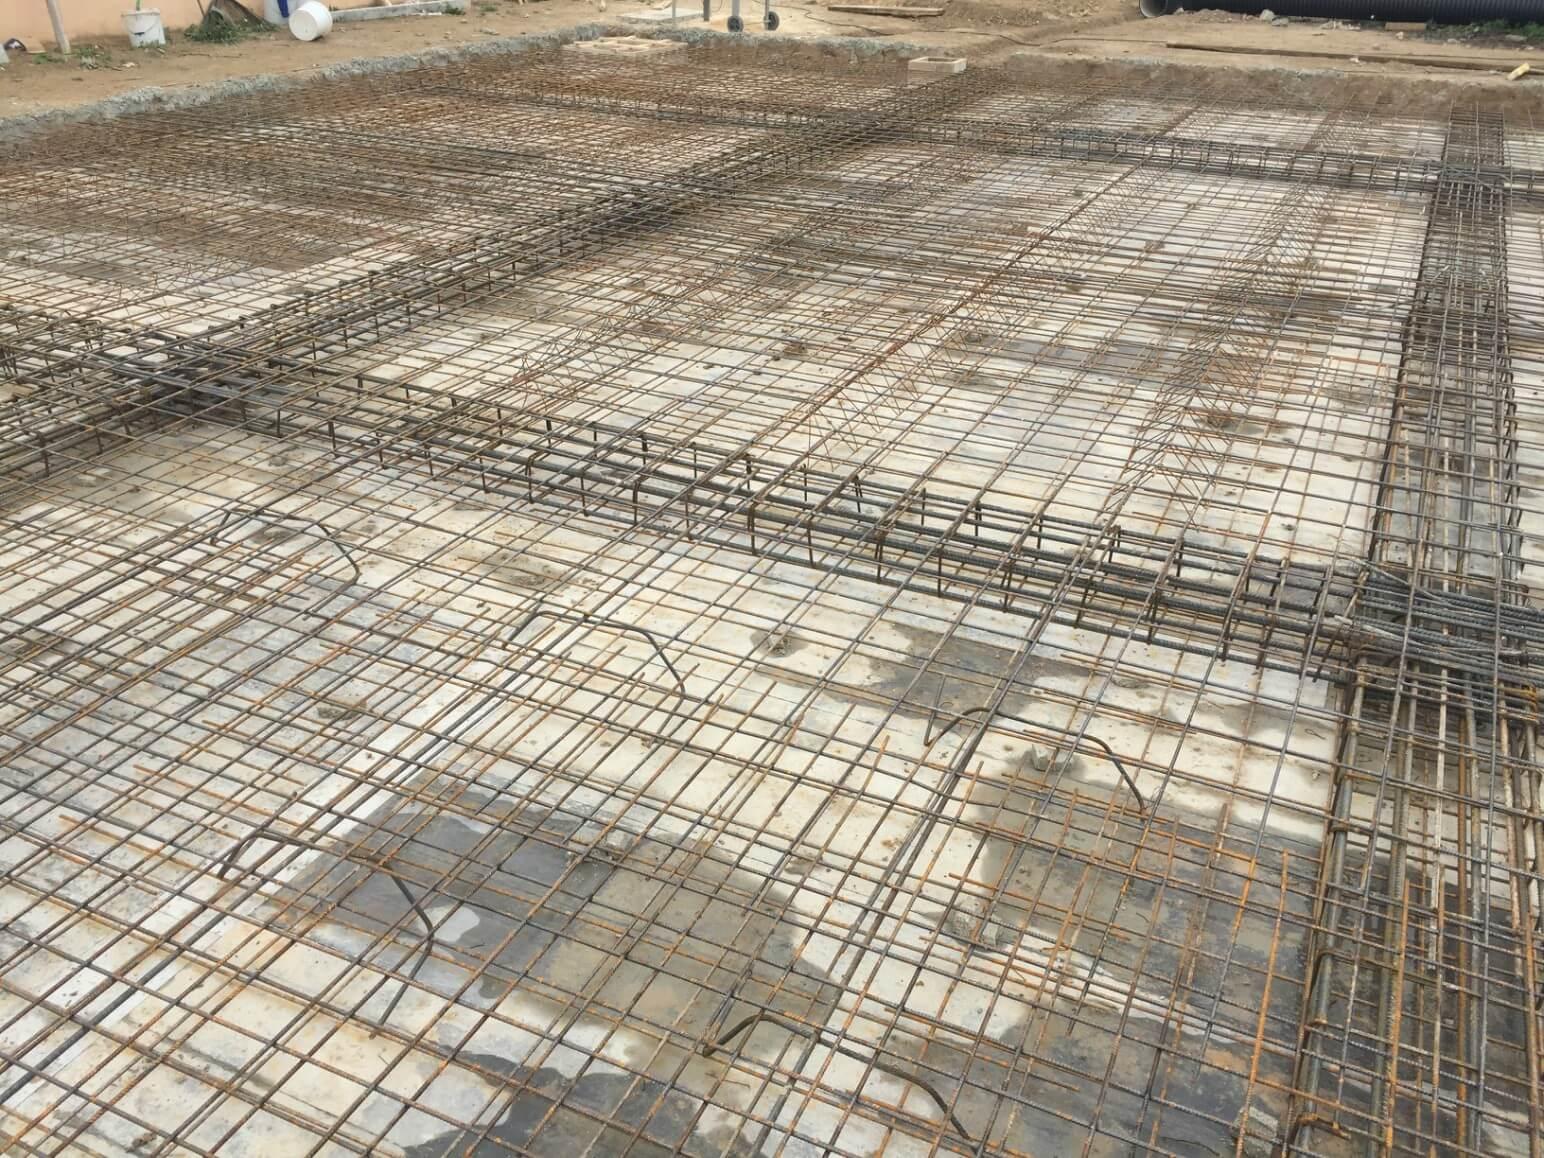 proyecto balsa para riego encofrados de aluminio construccion strong forms alicante 20